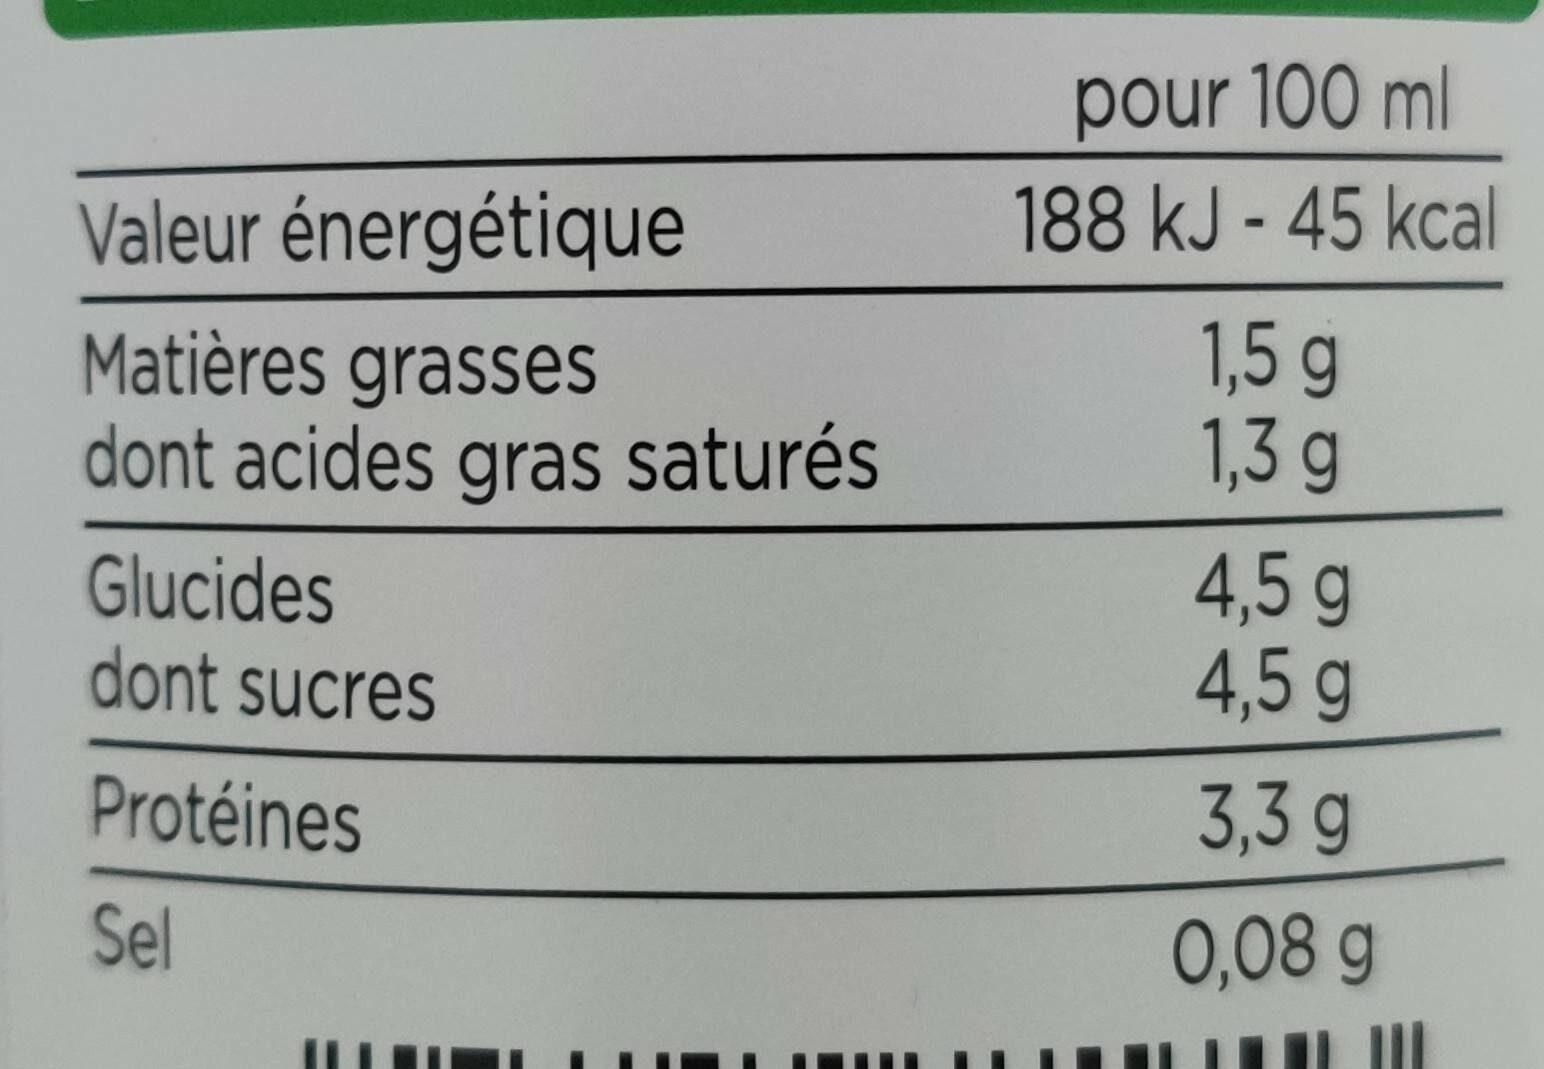 Lait frais de Normandie microfiltré demi-écrémé - Informations nutritionnelles - fr